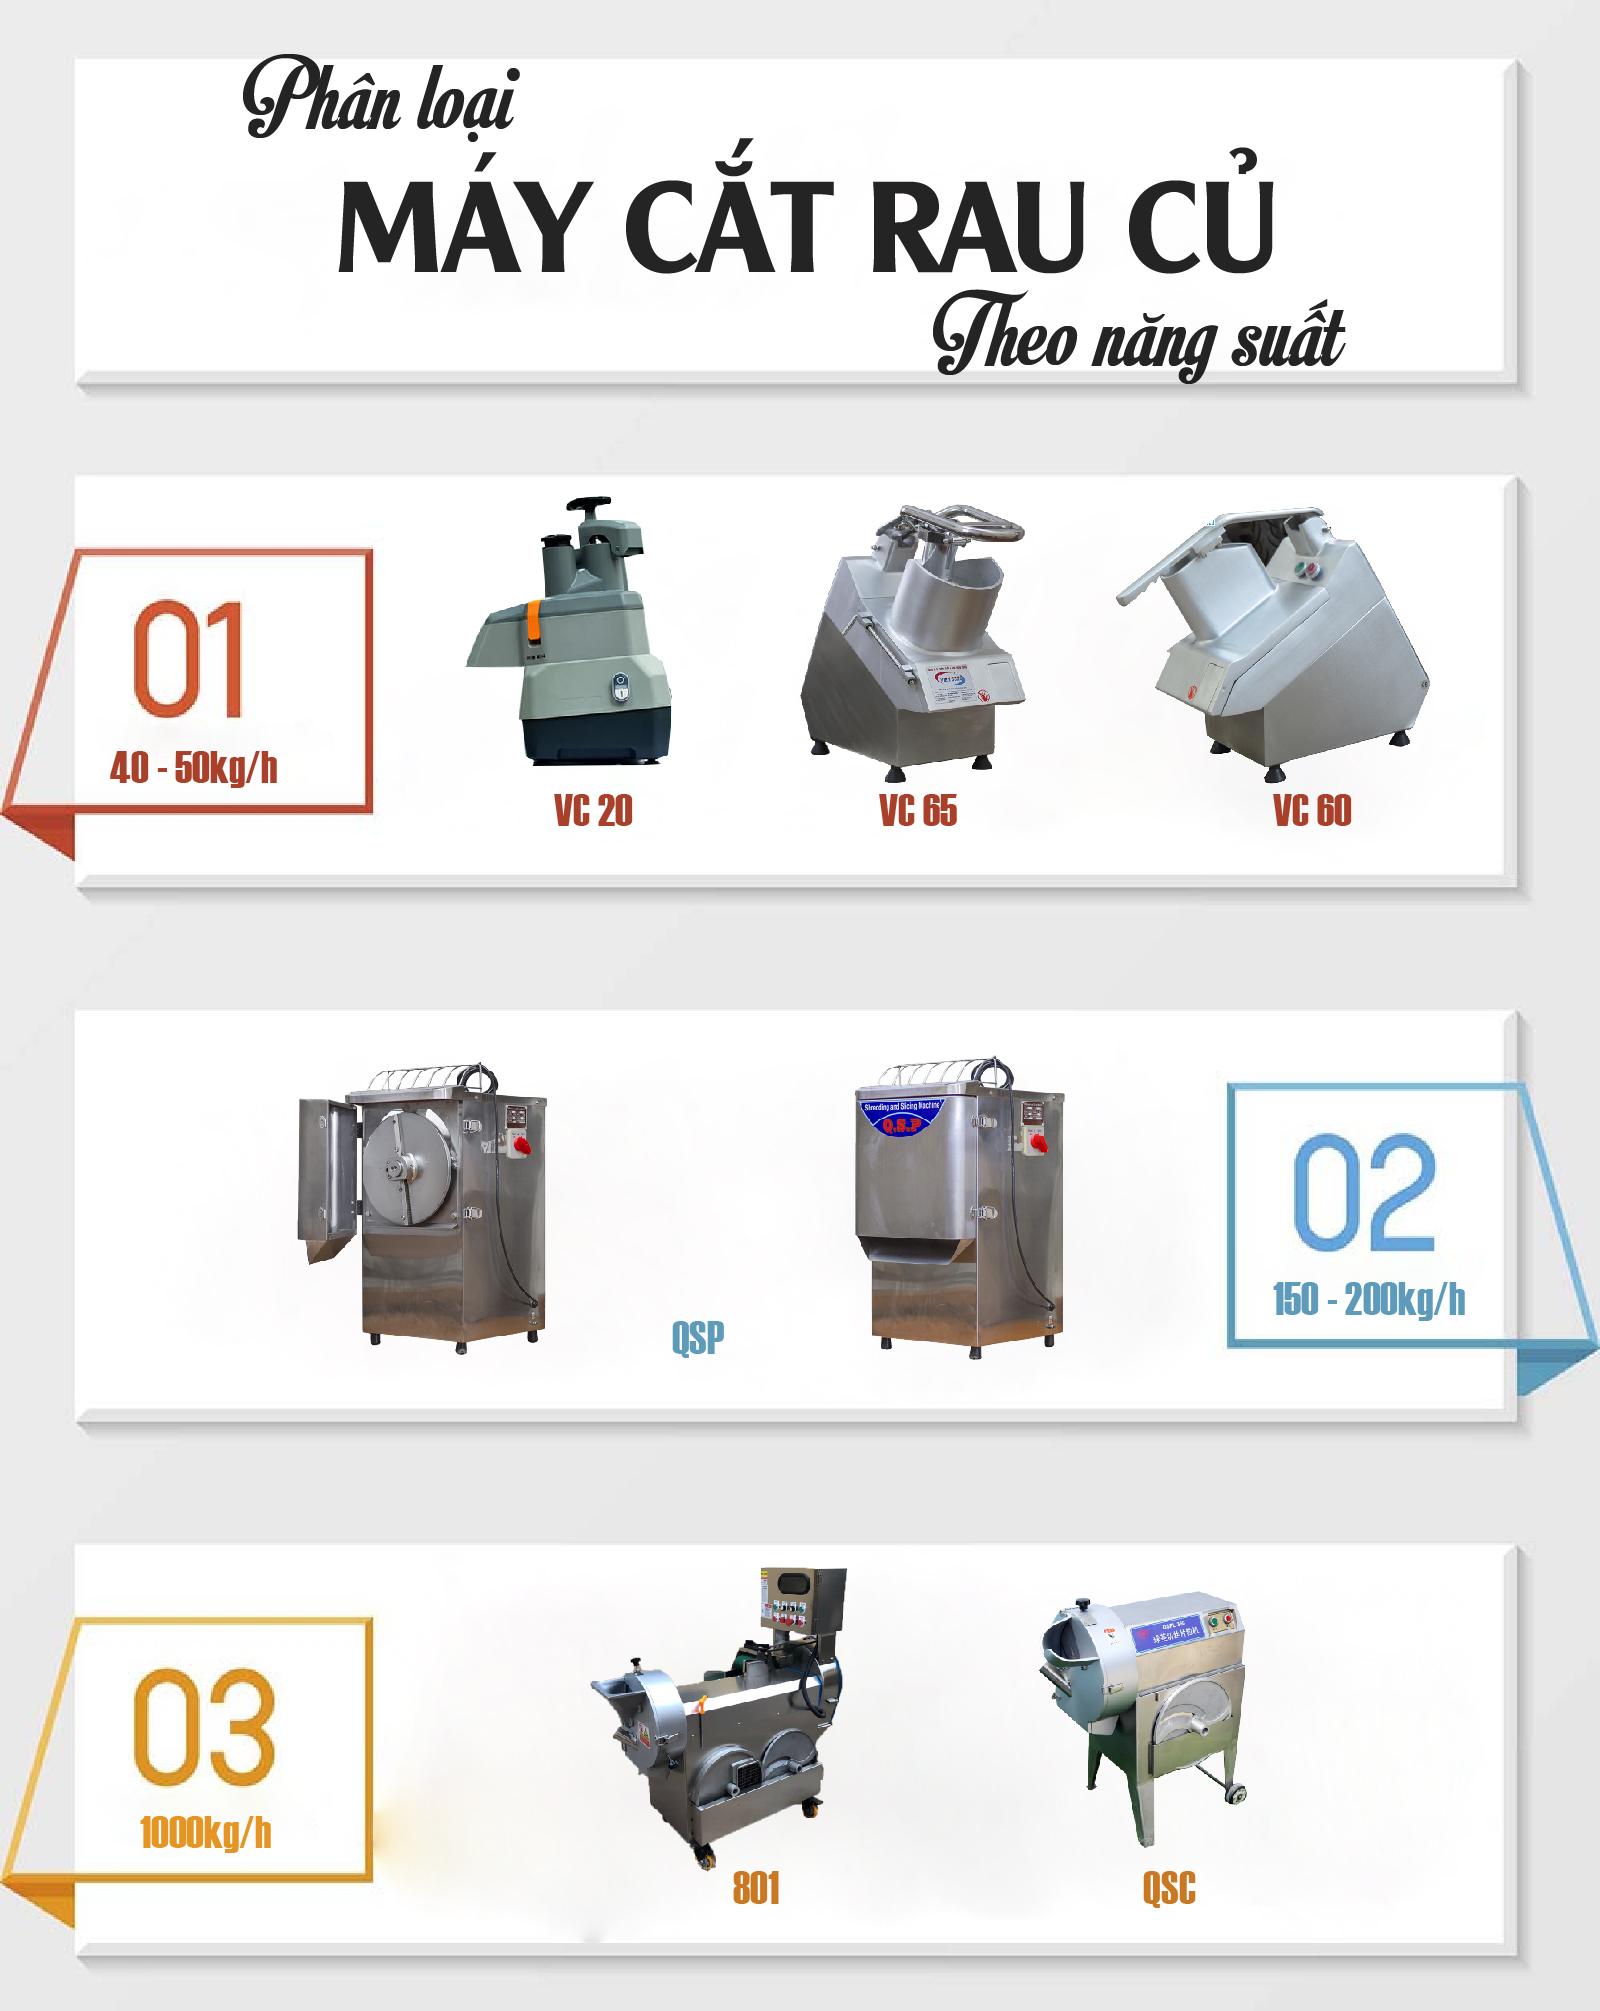 phân loại máy cắt rau củ-01